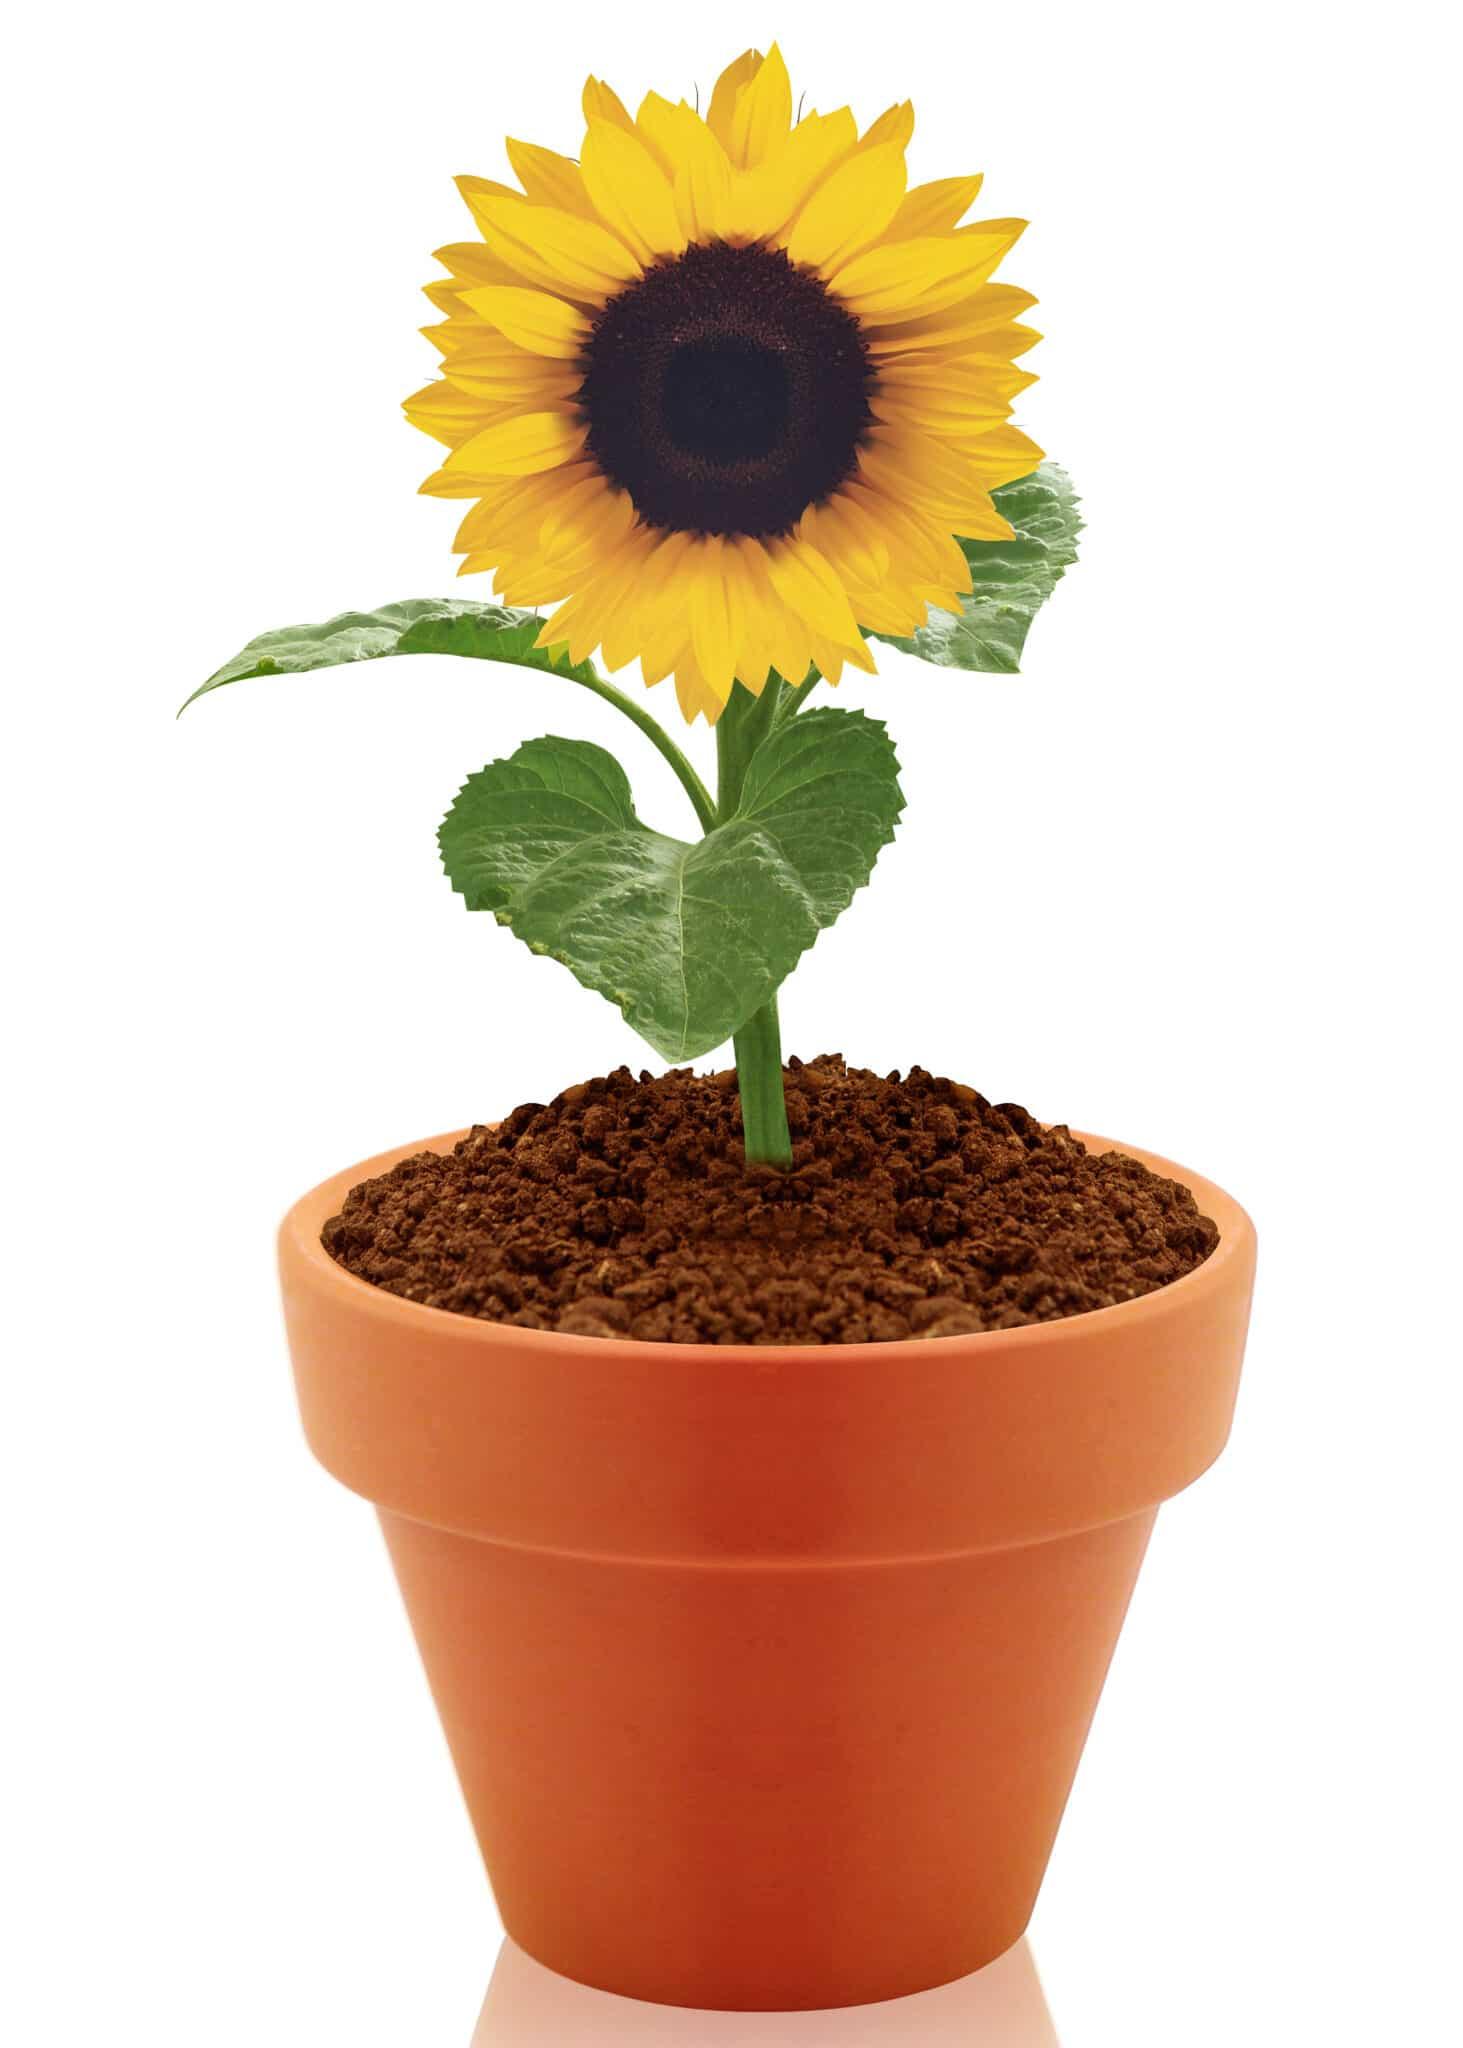 A single dwarf sunflower growing in a terracotta pot.